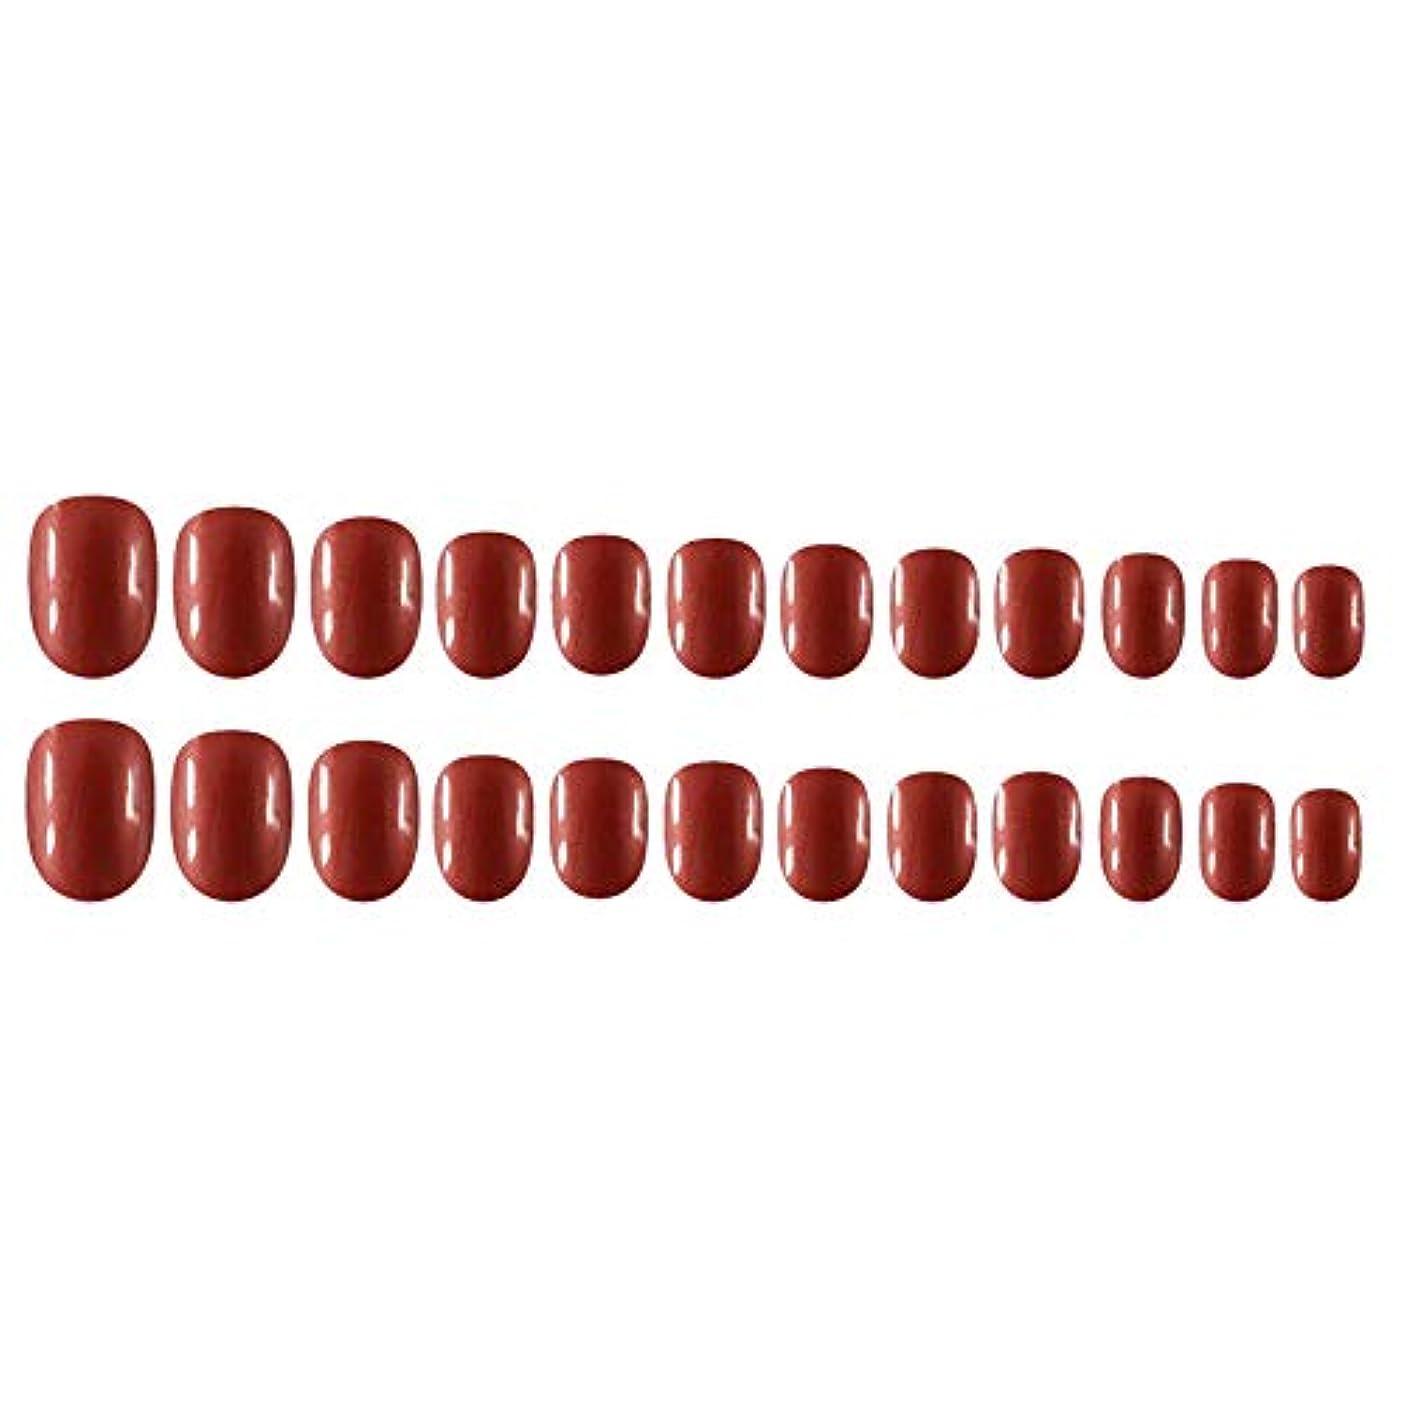 選ぶブリリアント幻滅Decdeal Decdeal ネイルチップ 24ピース 12異なるサイズ diy サロン ネイルアートツール 偽